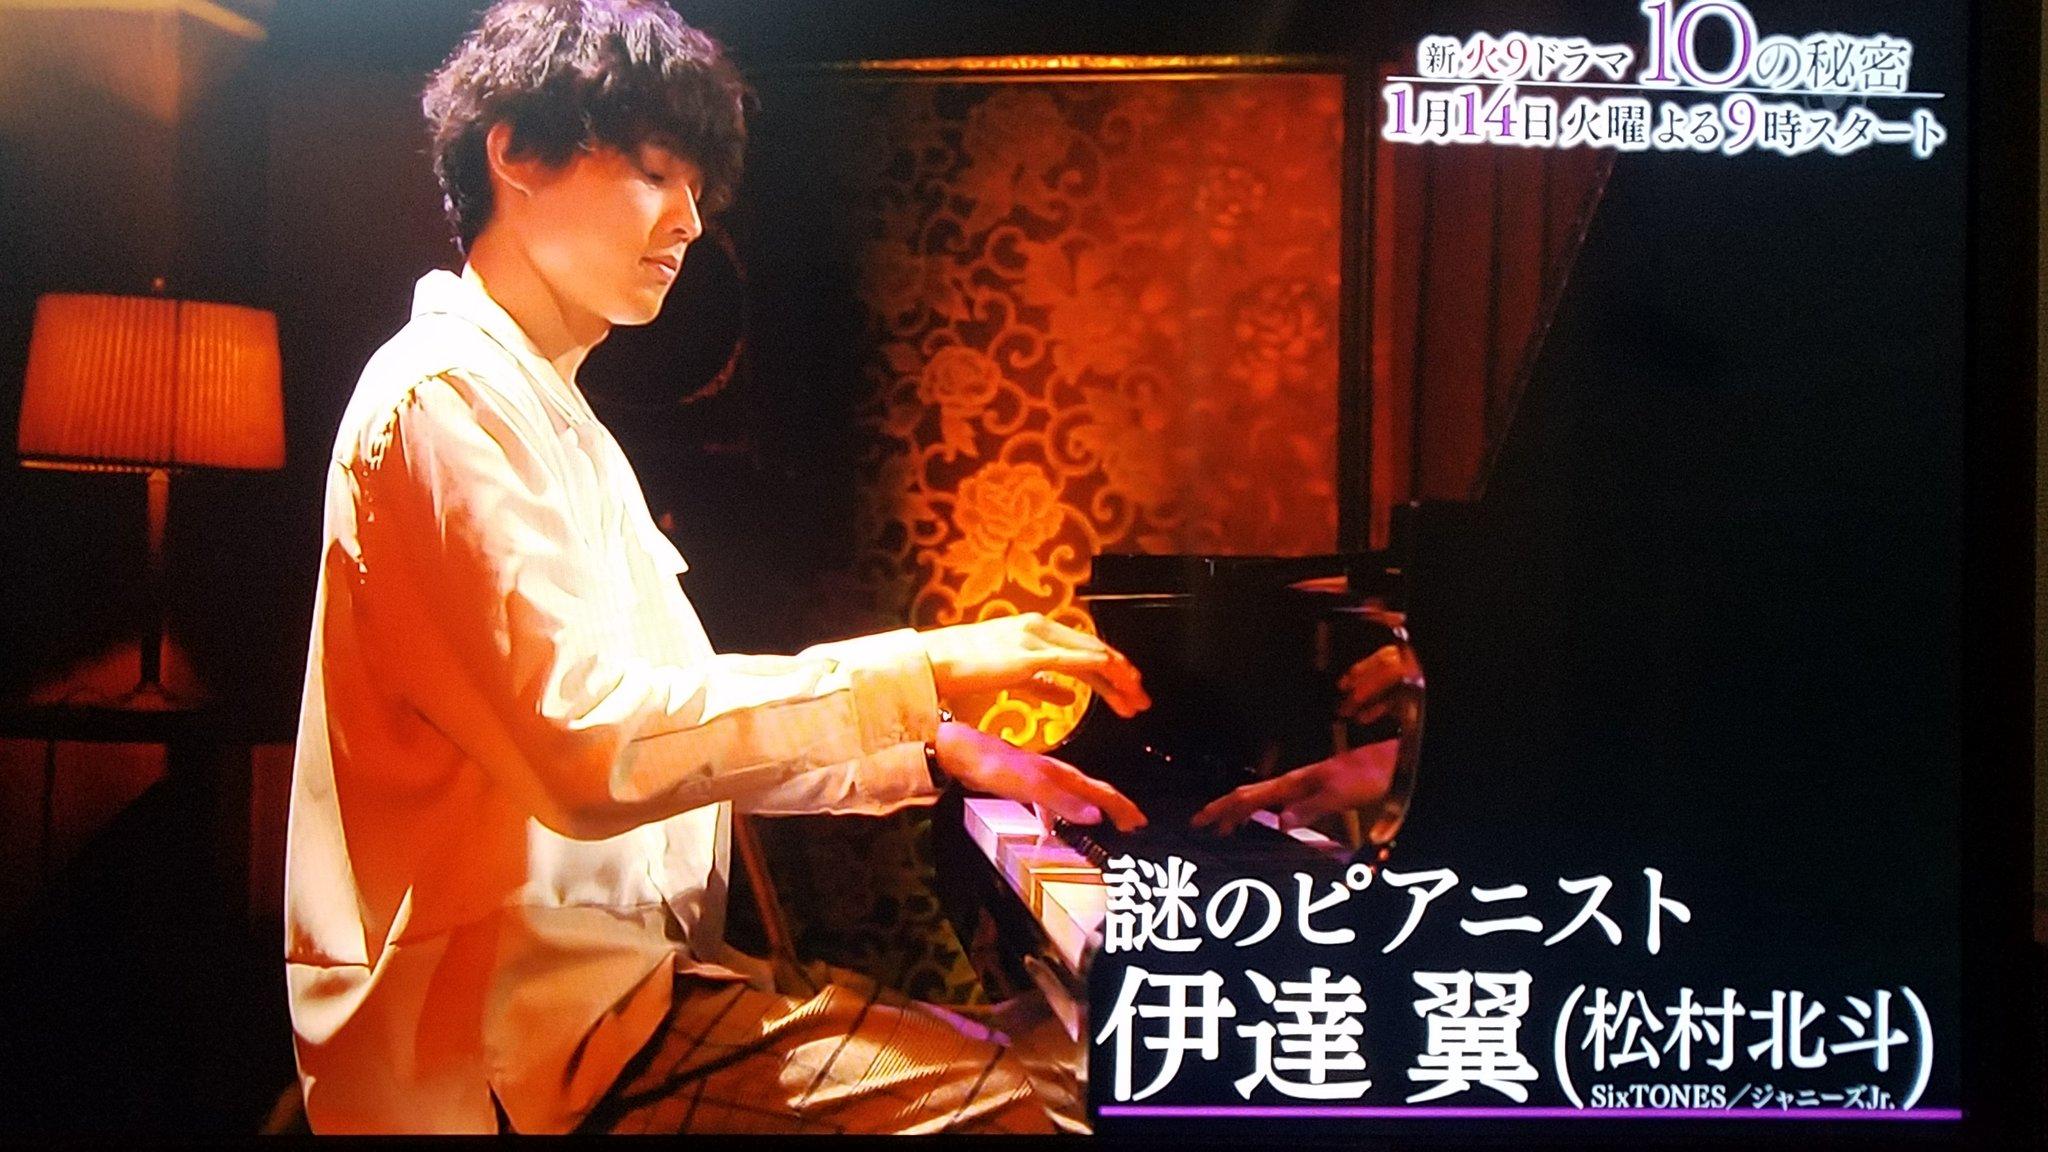 ピアノ 松村 北斗 【2020】松村北斗の歴代彼女は合計4人!はなのと現在は?好きなタイプまとめ